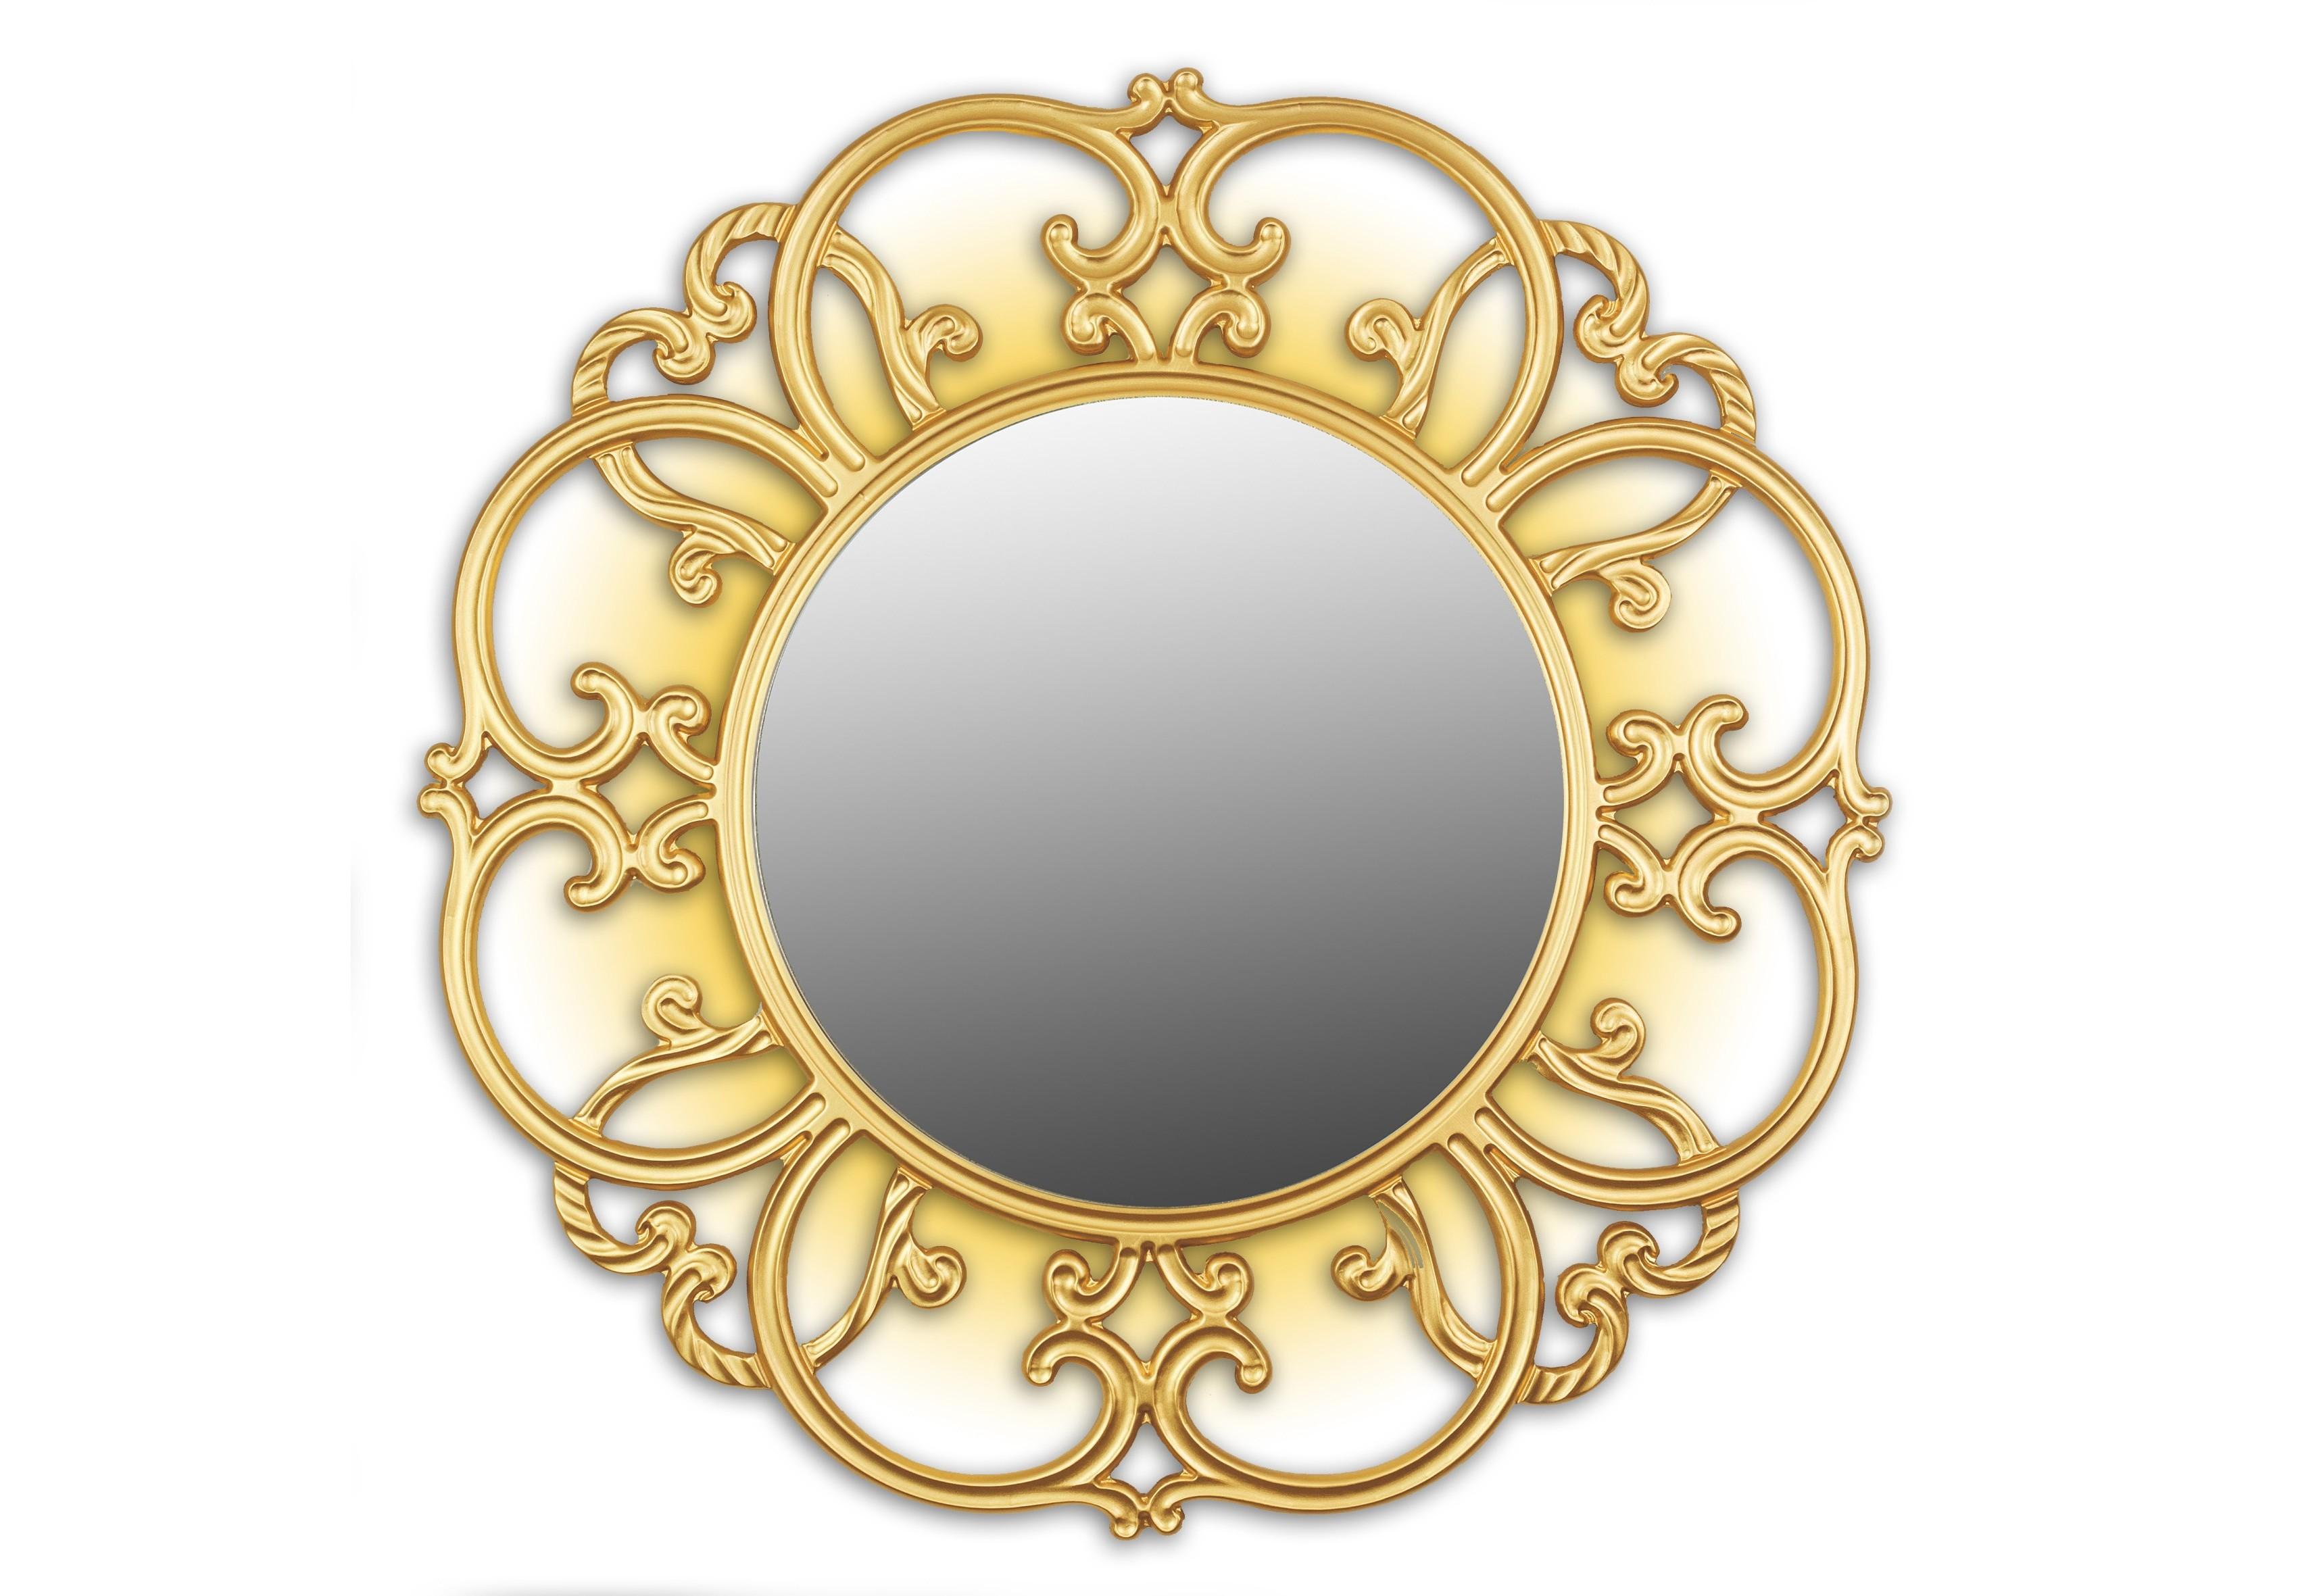 Зеркало TiffanyНастенные зеркала<br>&amp;lt;span style=&amp;quot;line-height: 24.9999px;&amp;quot;&amp;gt;Это круглое зеркало вставлено в эффектный резной багет, выточенный вручную из цельной древесины ценных пород и покрытый золотой краской. Зеркальная поверхность подсвечивается 4 светодиодными энергосберегающими лампами, установленными внутри корпуса. Таким образом, зеркало выполняет еще и функцию ночника. Размер изделия составляет 990х990 мм, толщина – 7см, вес – 7 кг.&amp;lt;/span&amp;gt;<br><br>Material: Дерево<br>Width см: 99<br>Depth см: 7<br>Height см: 99